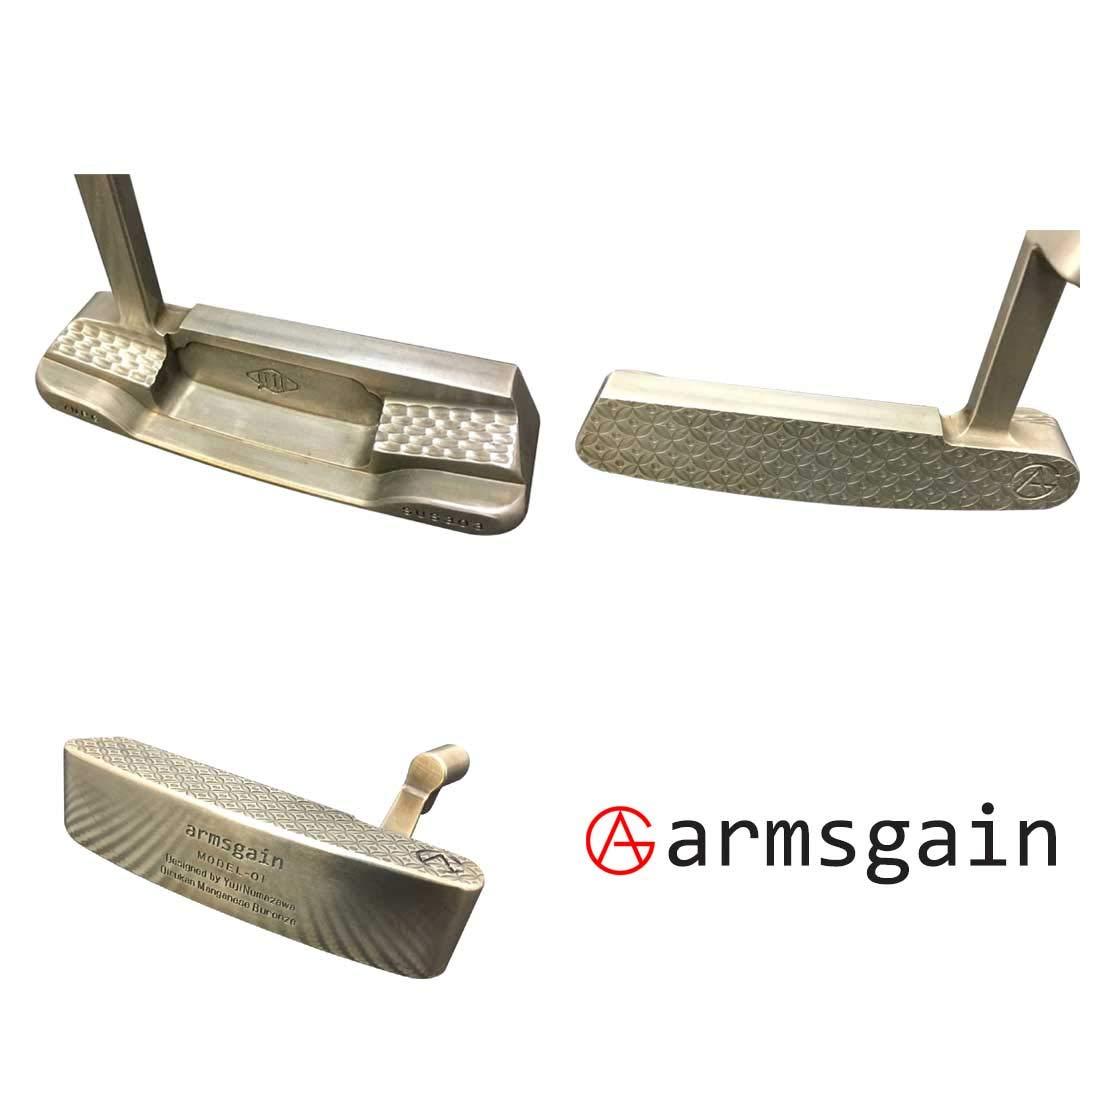 アームスゲイン(armsgain) パター Model-01【クランクネックタイプ】 ハイグレードソフトステンレスSUS303 オイルカンマンガンブロンズ コーティング仕様 33インチ パター